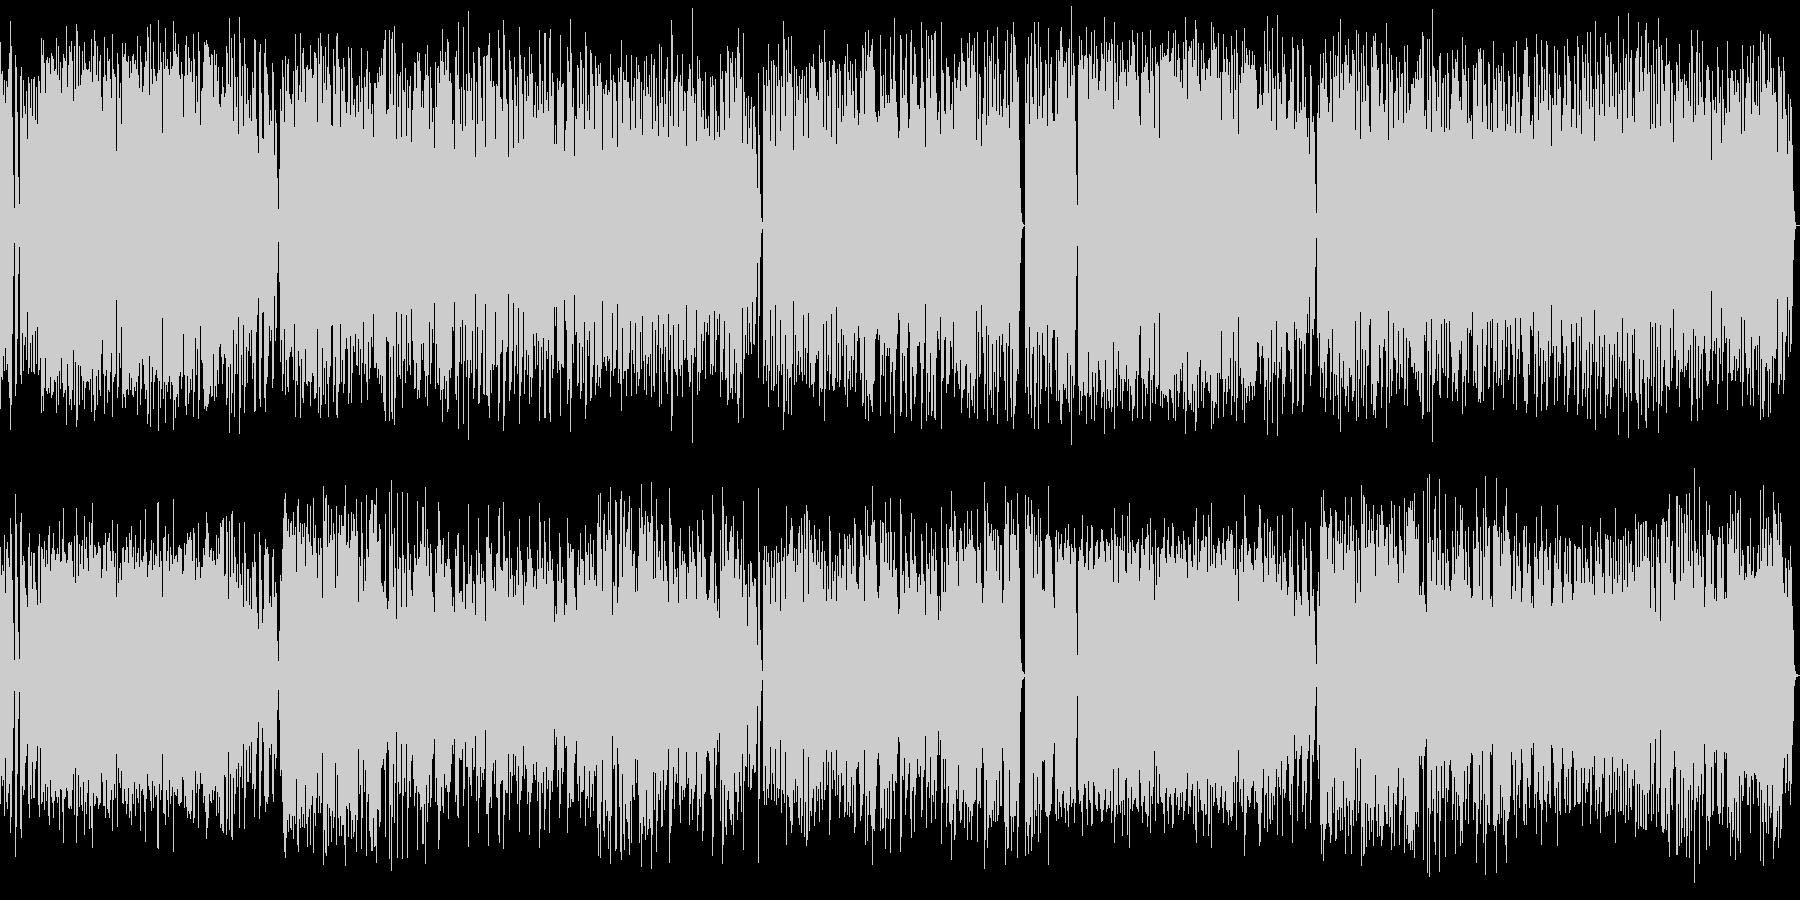 短調のラグタイムピアノ曲 の未再生の波形